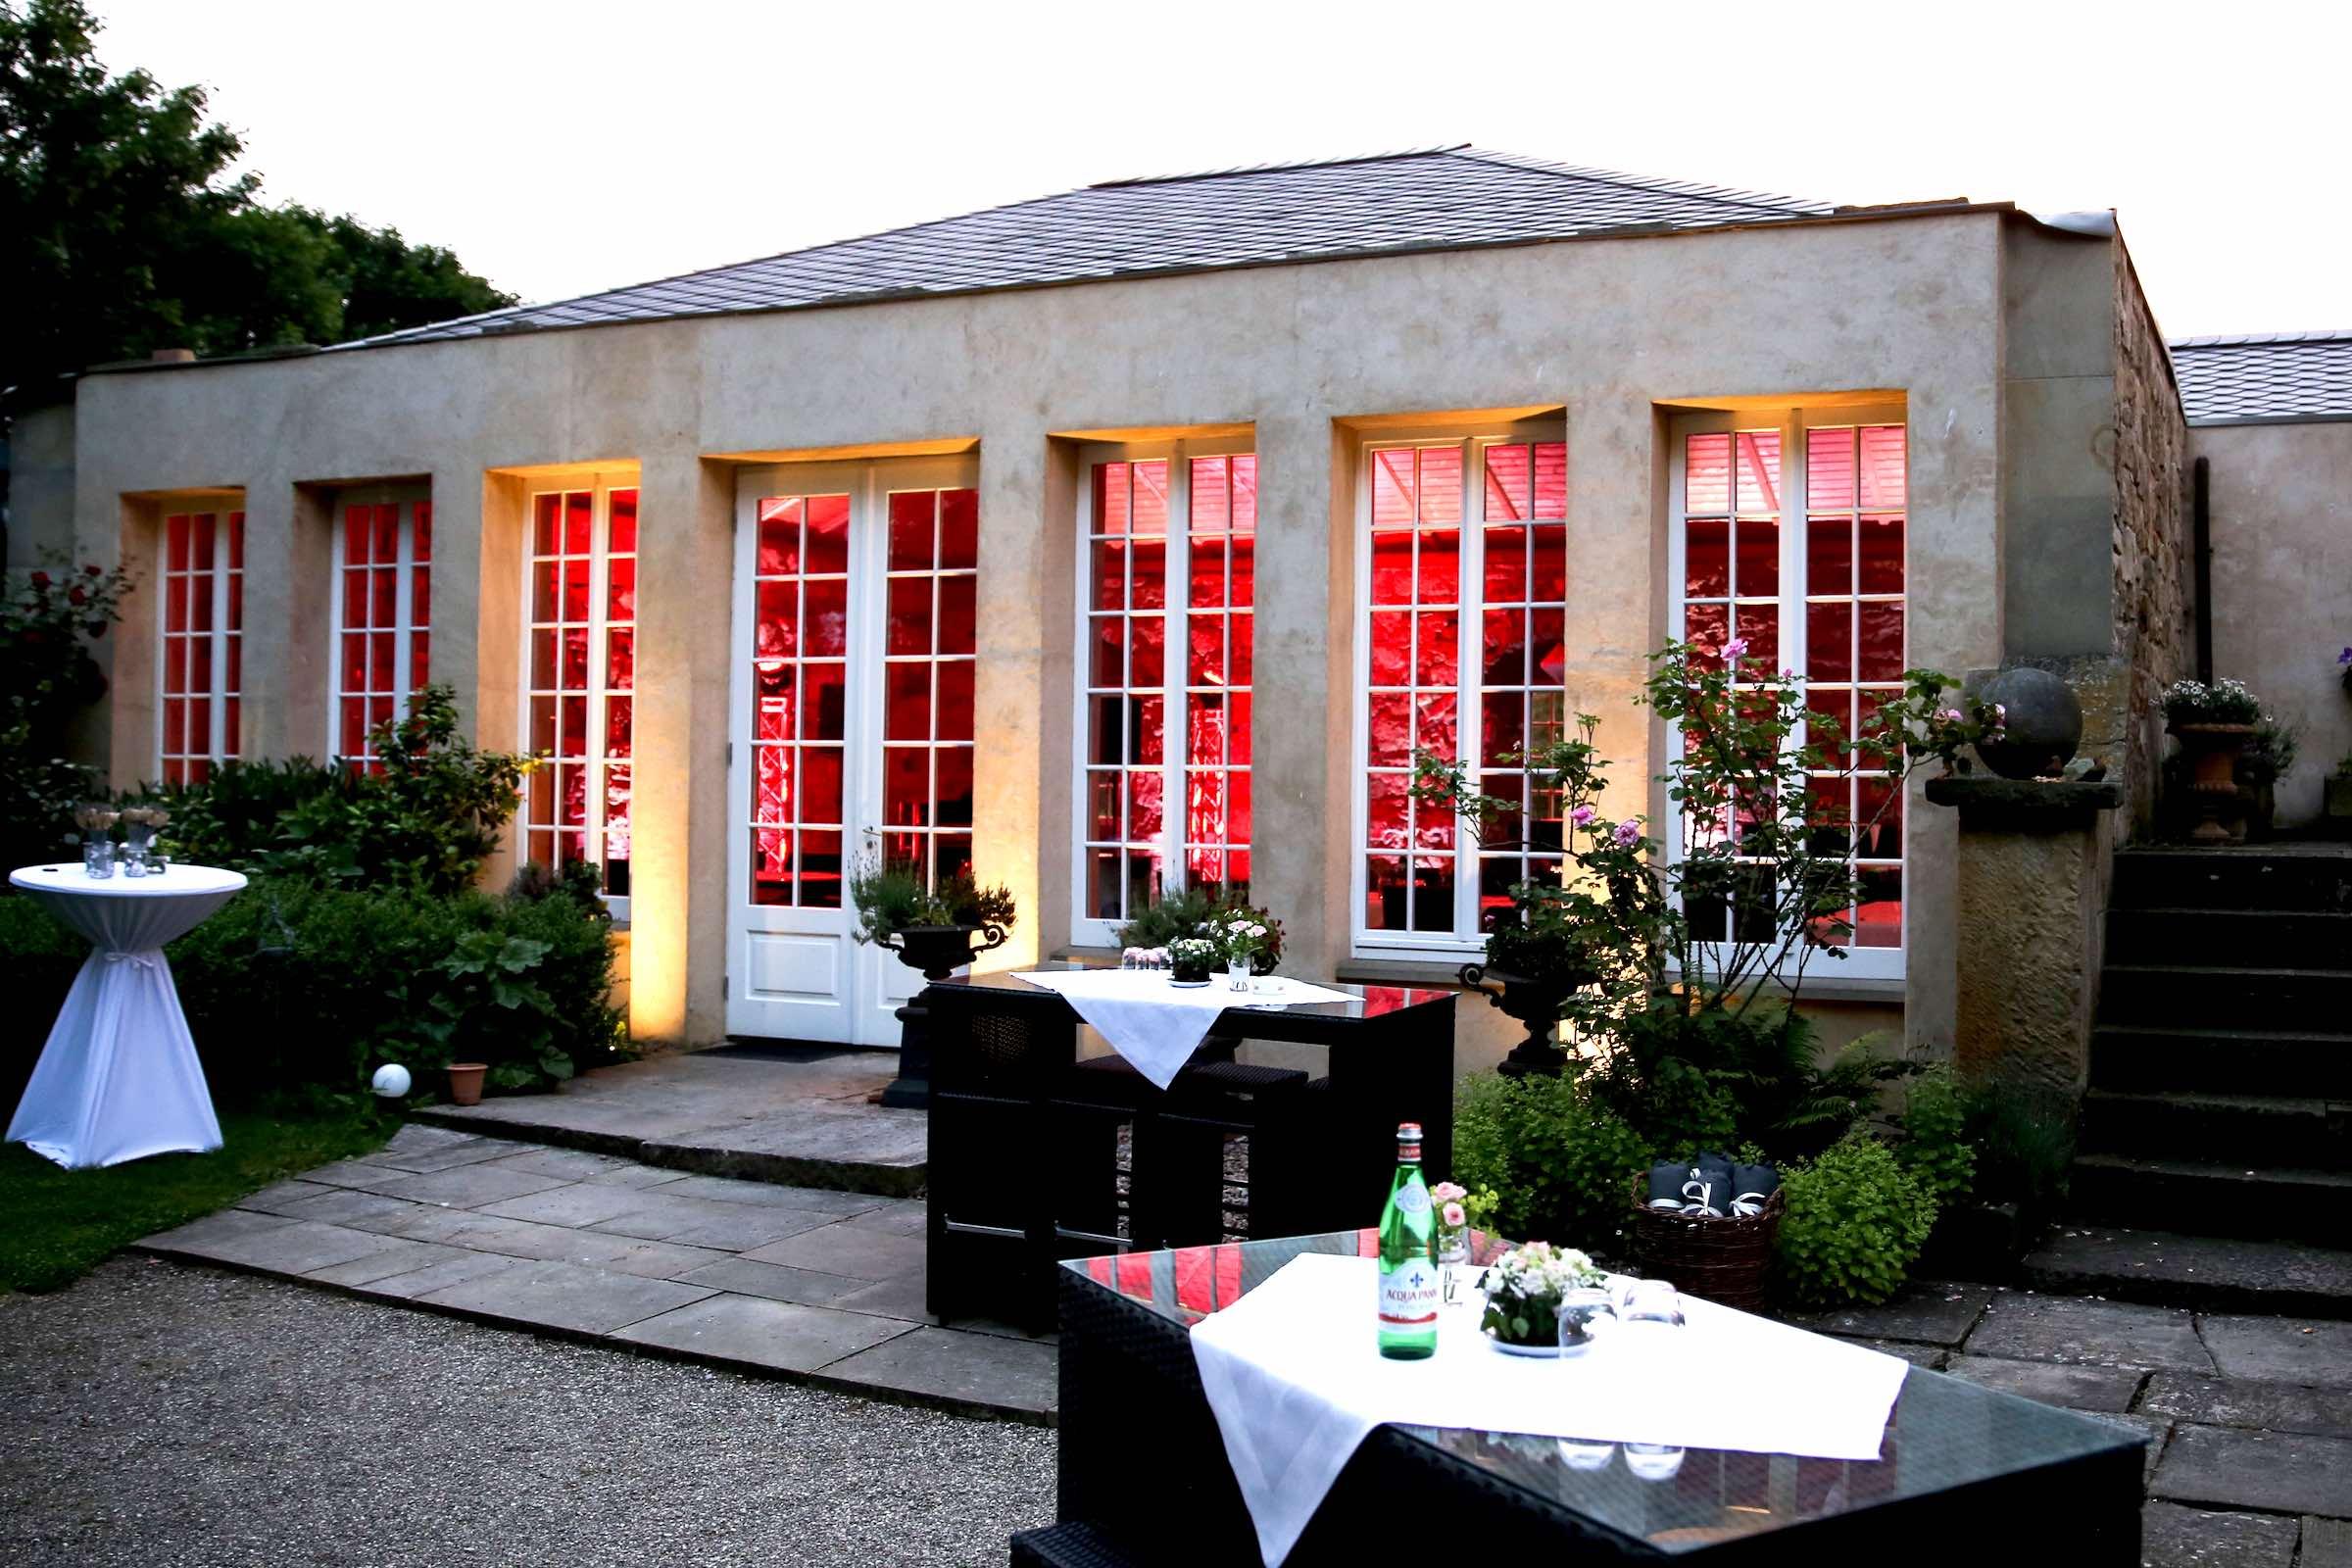 Schloss   Hammerstein   Apelern   Gartensaal   Hochzeit   Geburtstag   Firmenfeier   Referenz   Location   DJ   Timm   Lehmann   DJ   Hannover   Party   DJ   Hochzeitsplaner   Lehmann   Eventservice